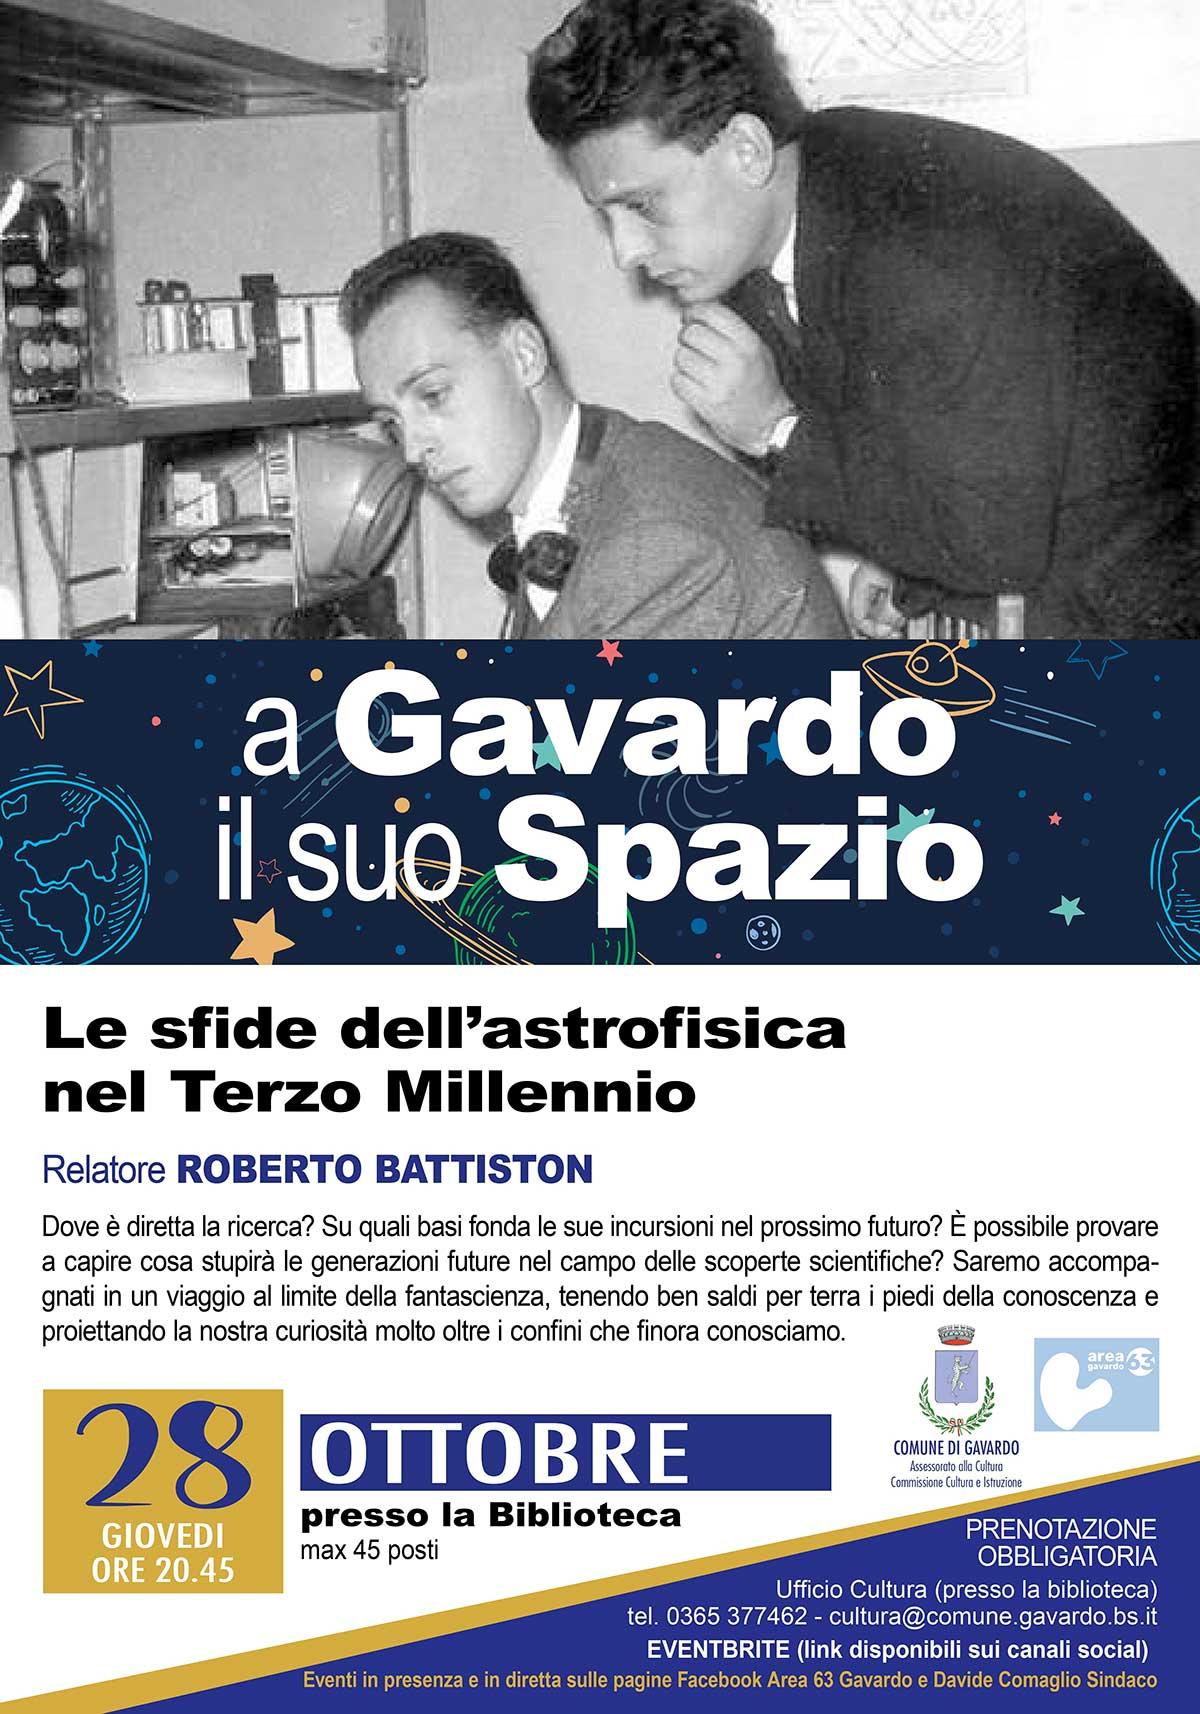 gavardo-il-suo-spazio-serata-28-ottobre-2021